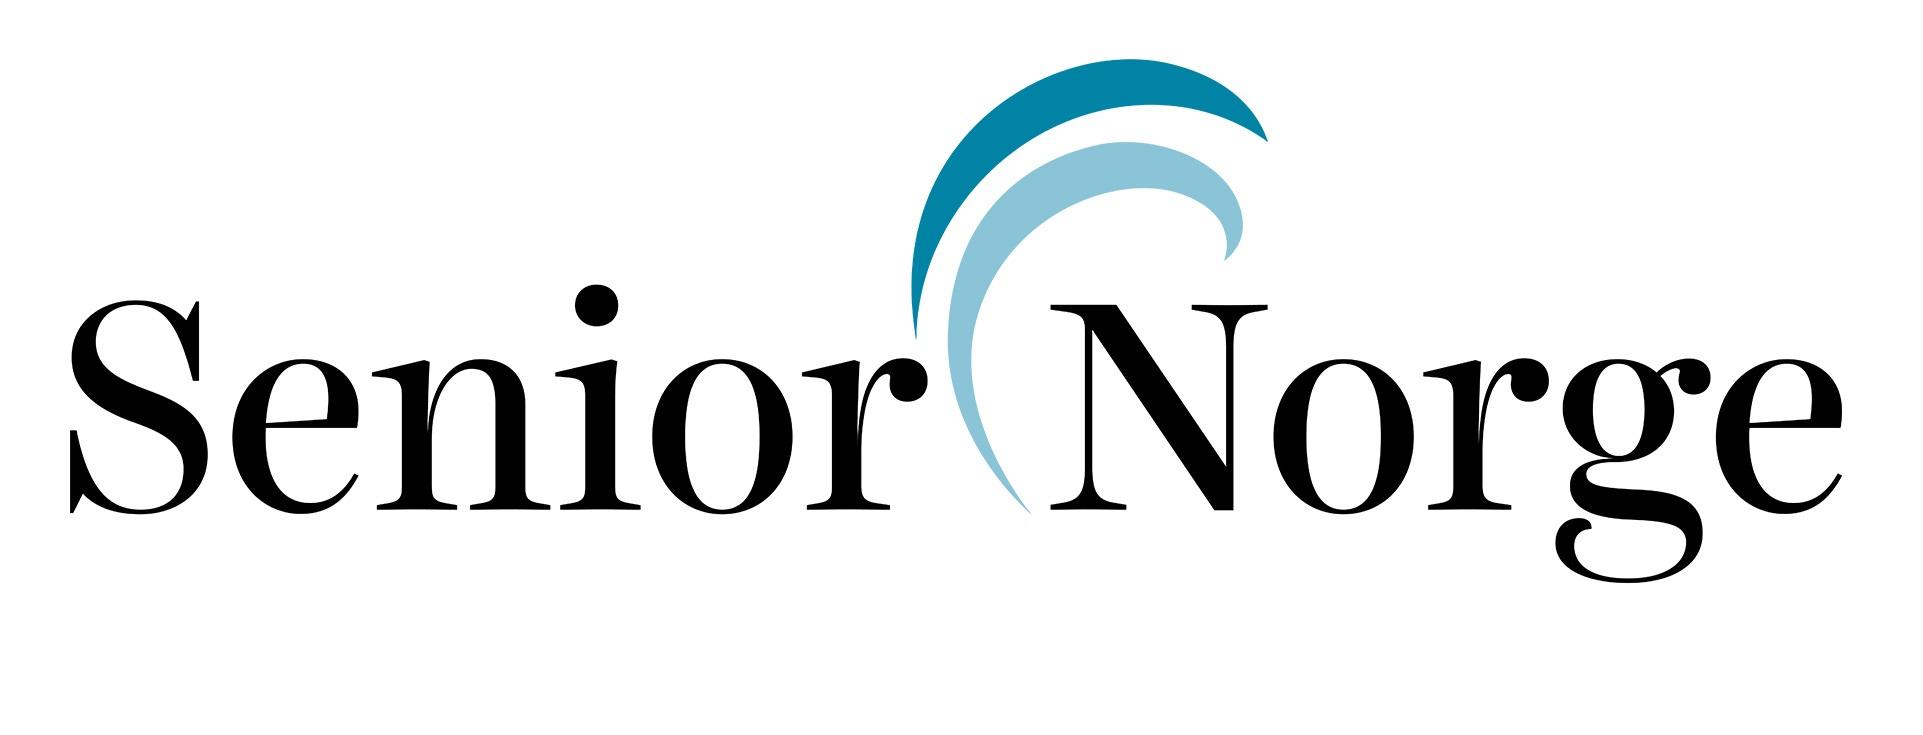 Ønsker du å vite mer om Senior Norges arbeid, se:      www.seniornorge.org